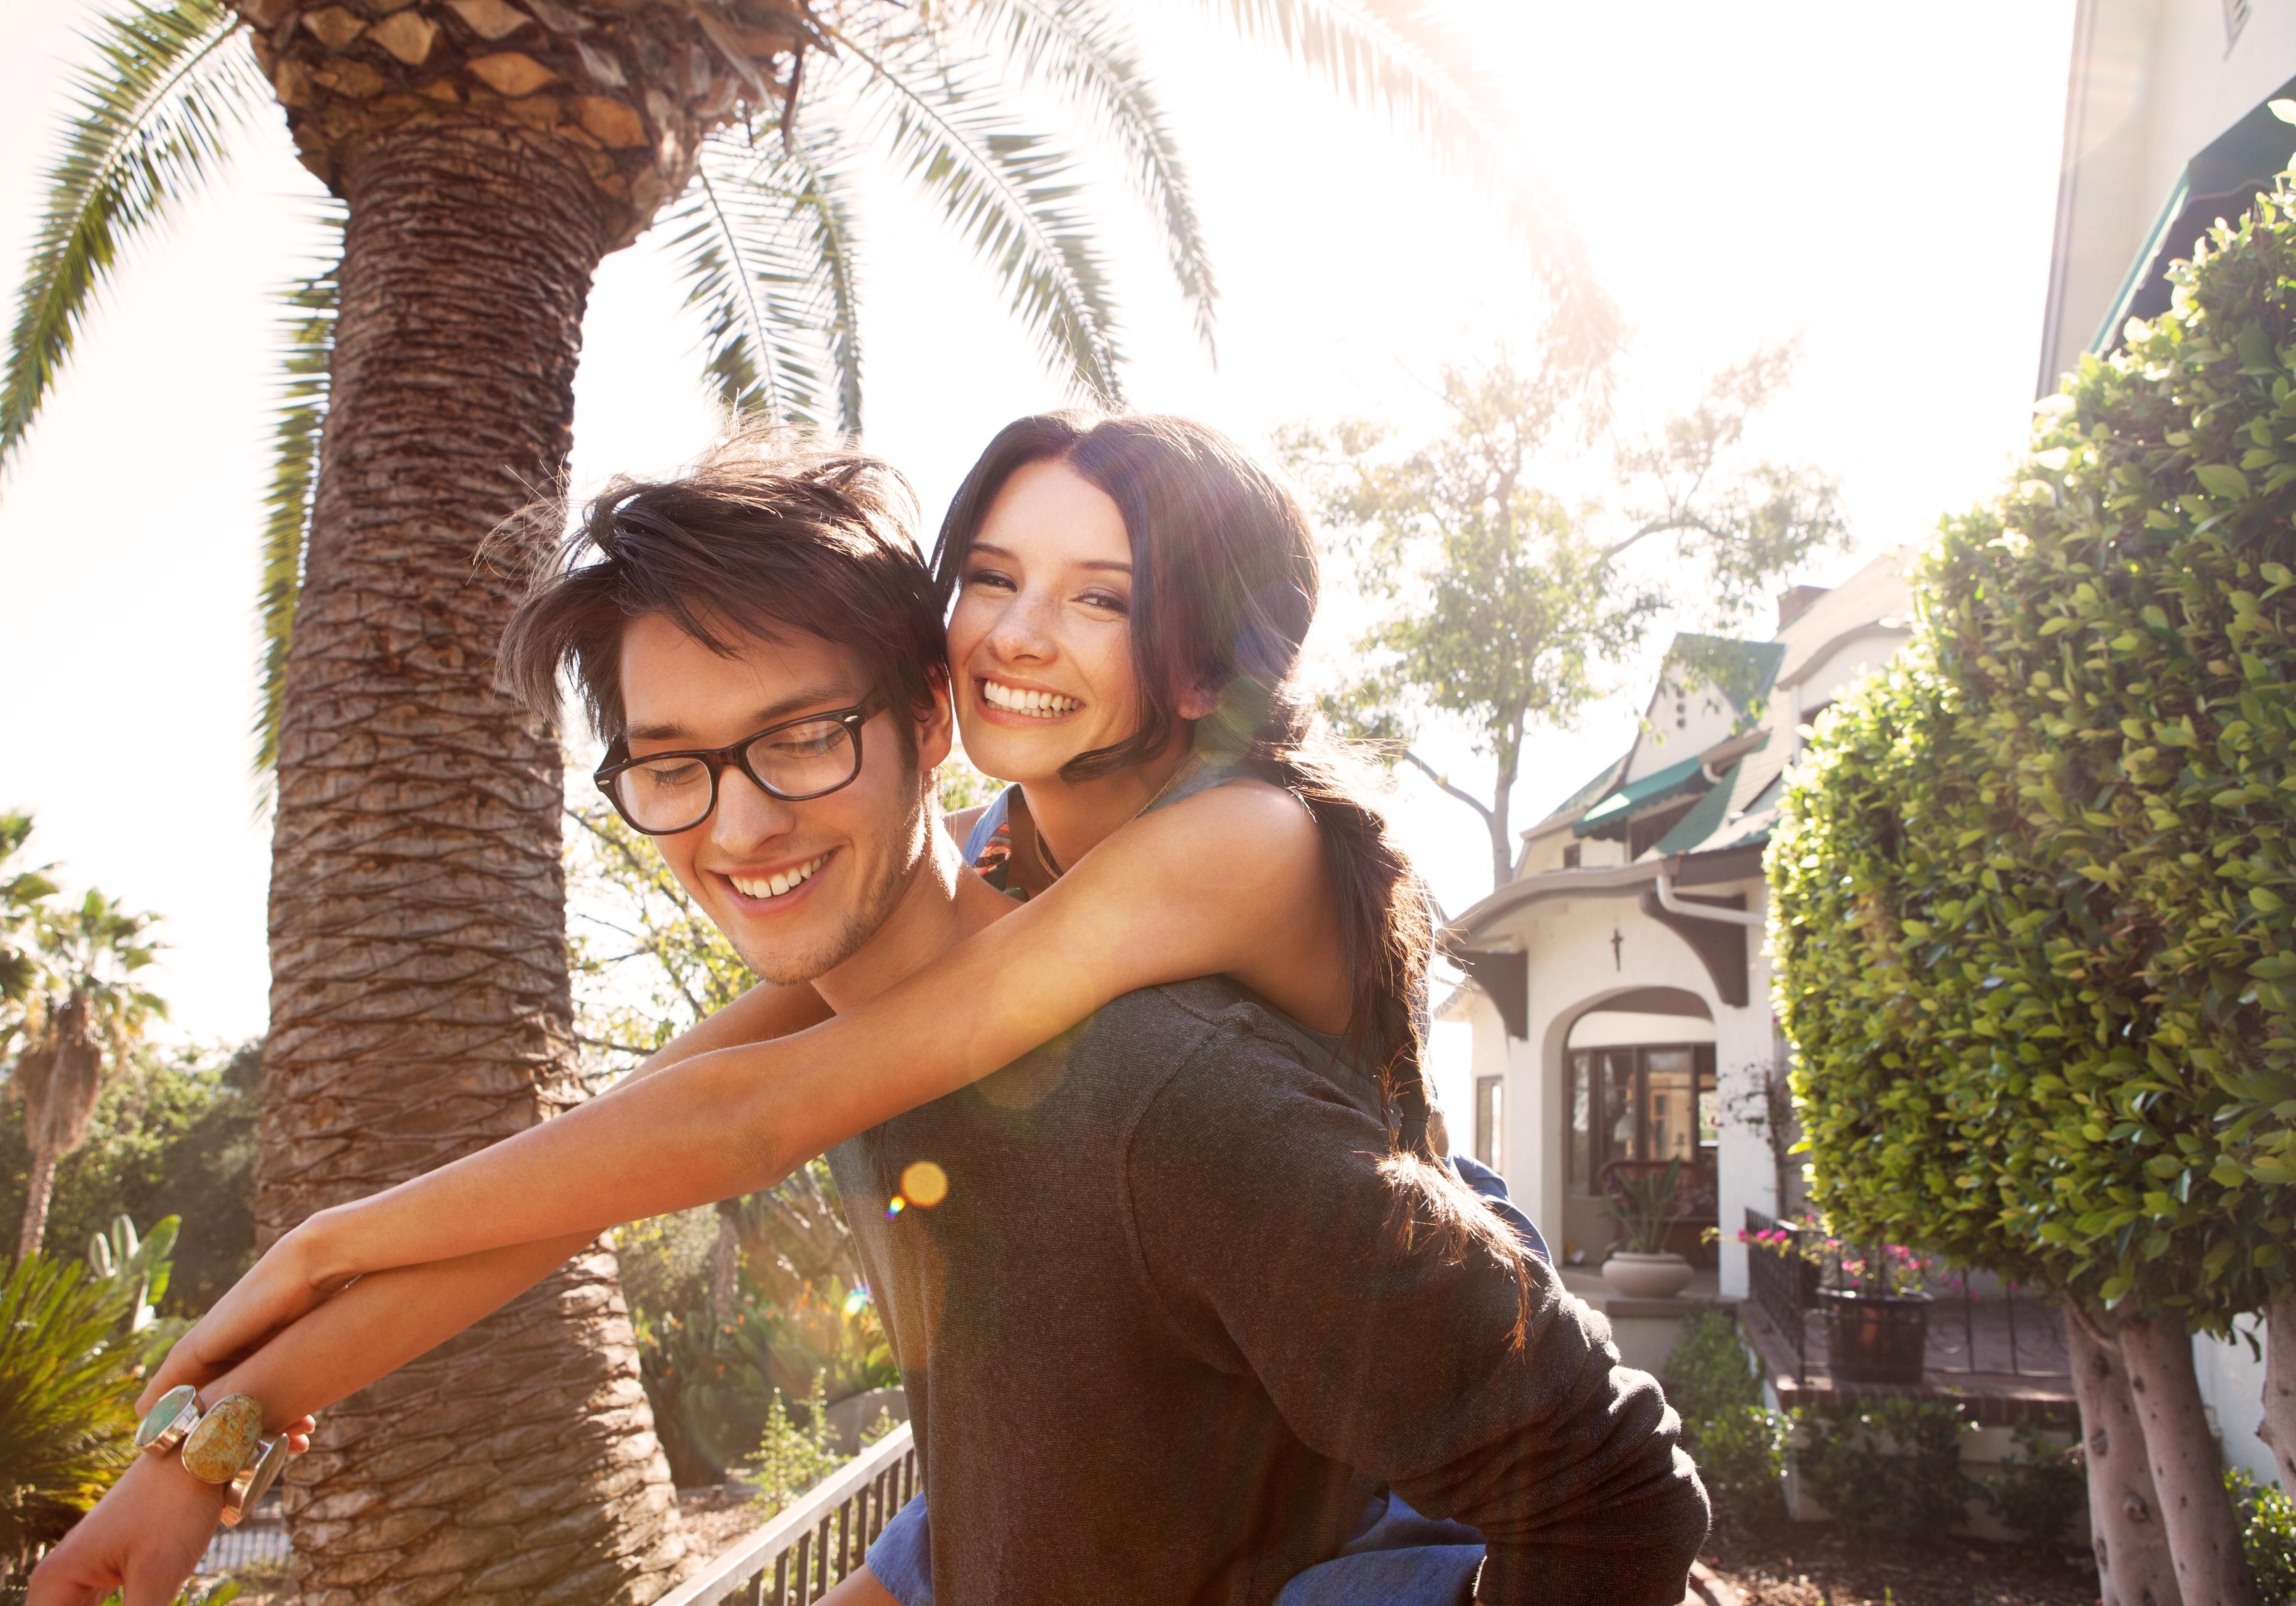 Картинка: Парень, девушка, улыбка, радость, пальма, деревья, улица, дом